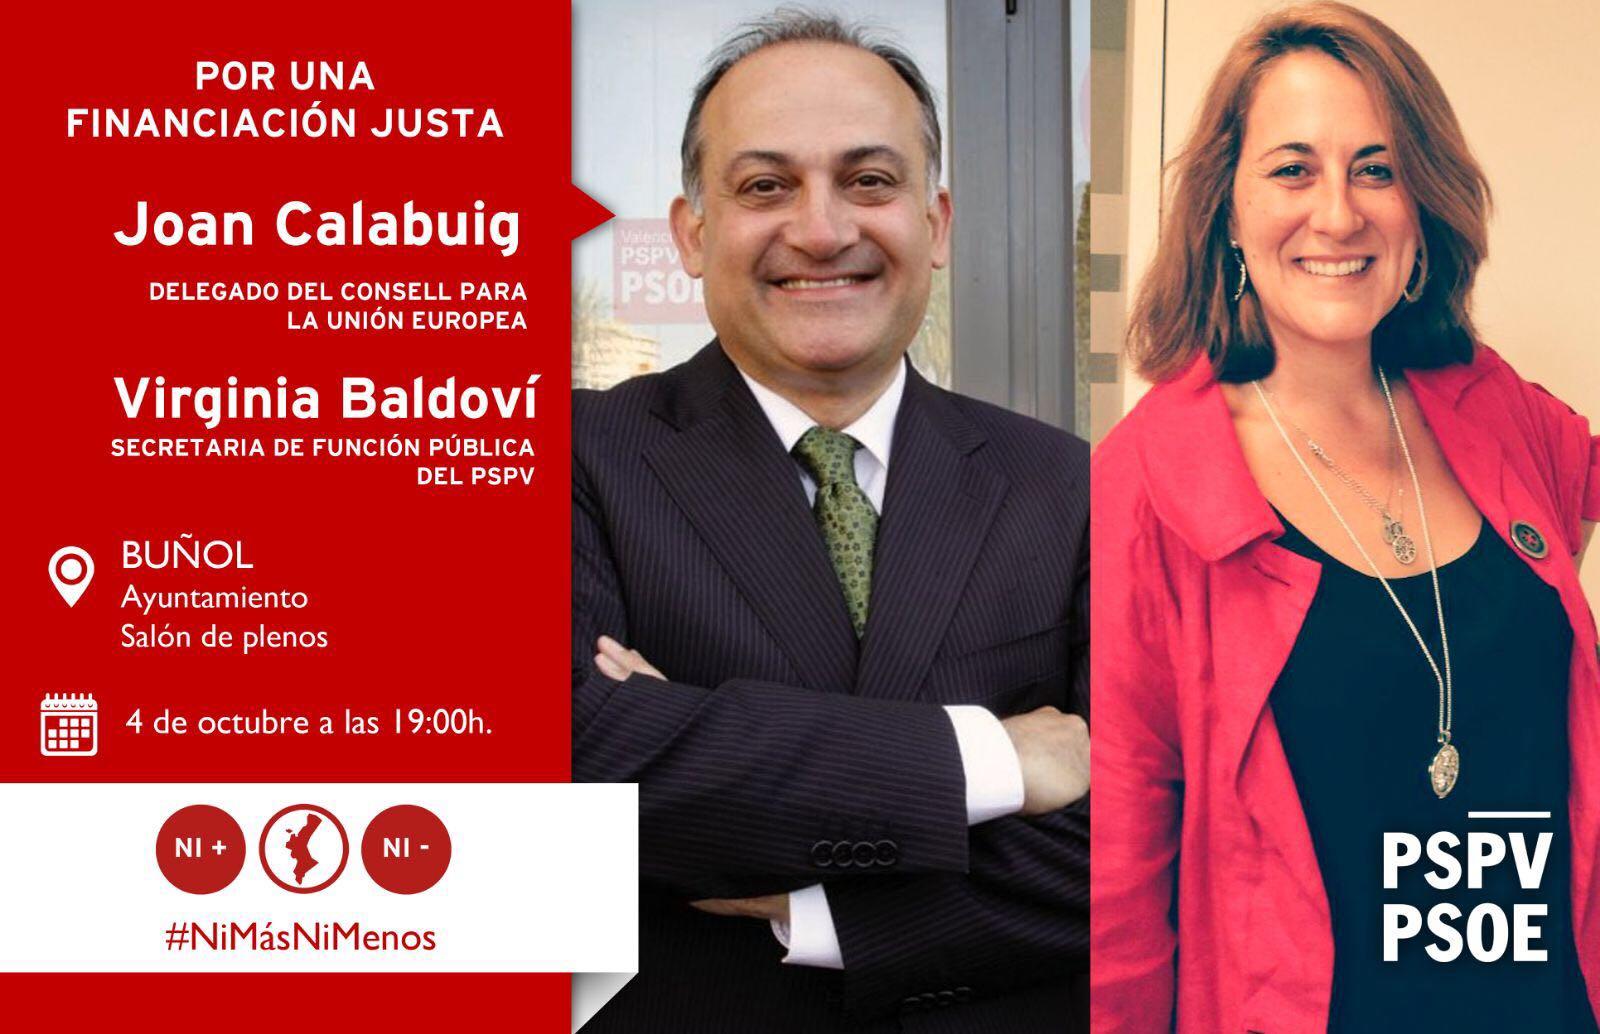 Joan Calabuig y Virginia Baldoví.